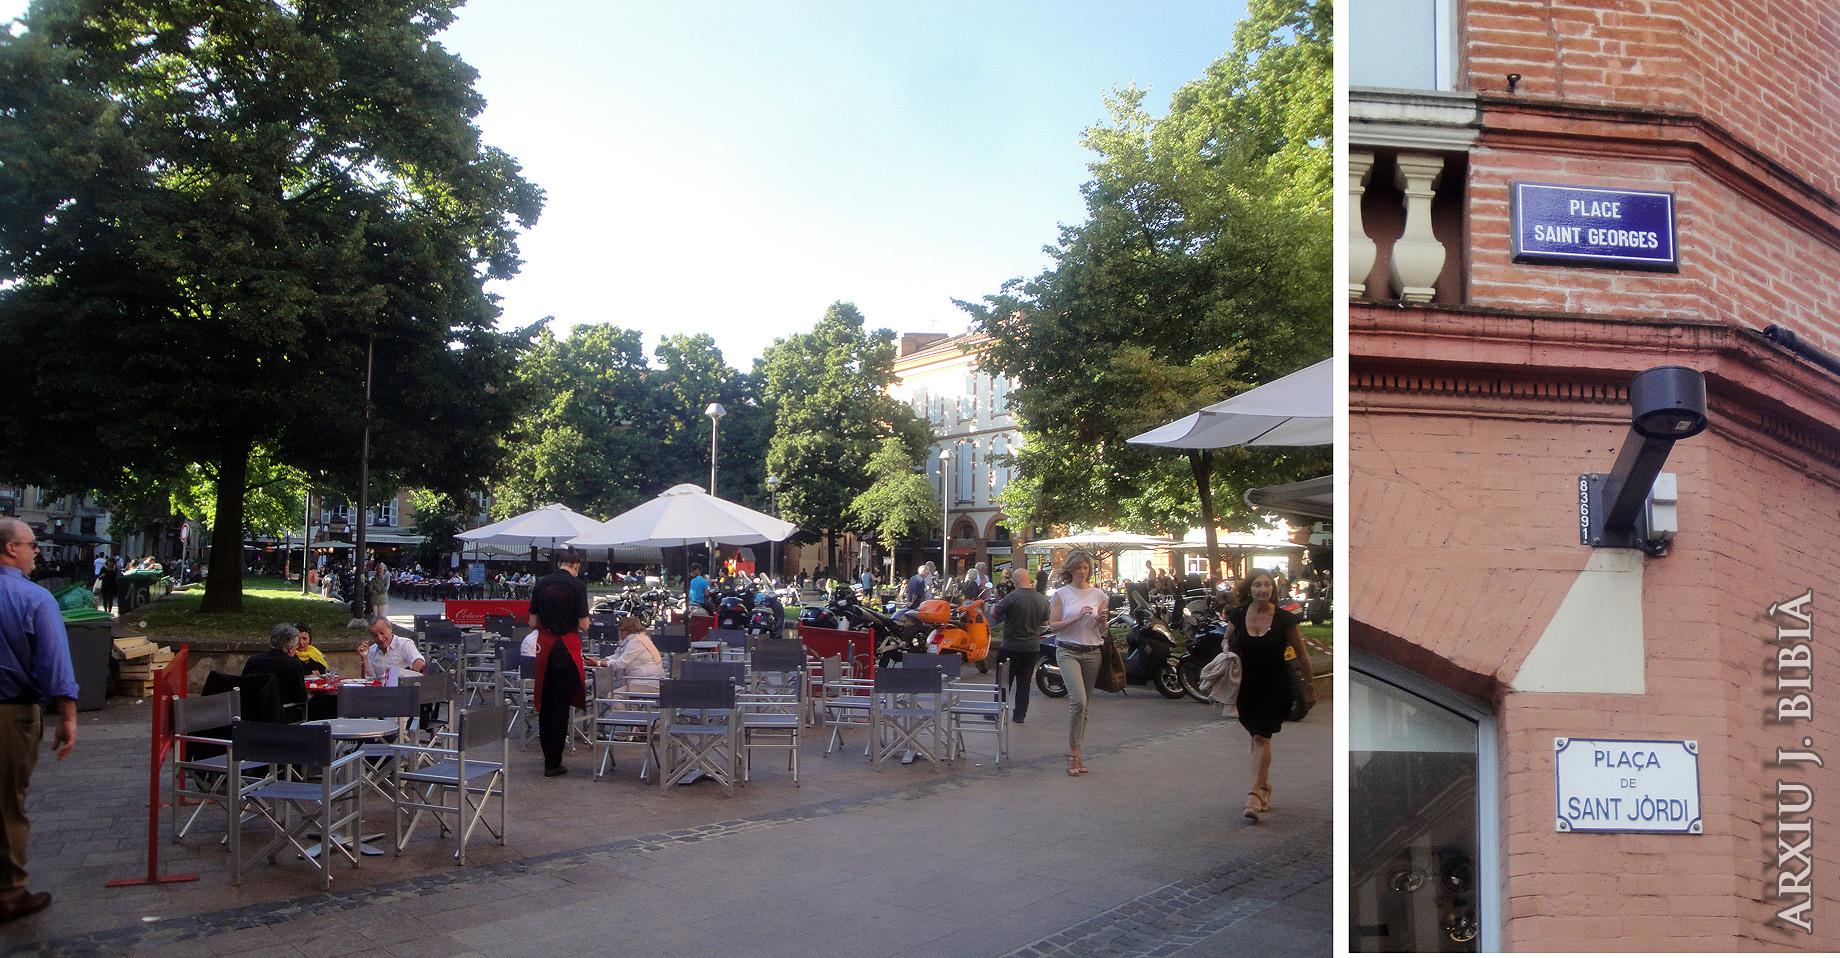 02.07.2013 Plaça de Sant Jordi.  Tolosa del Llenguadoc. -  Jordi Bibià